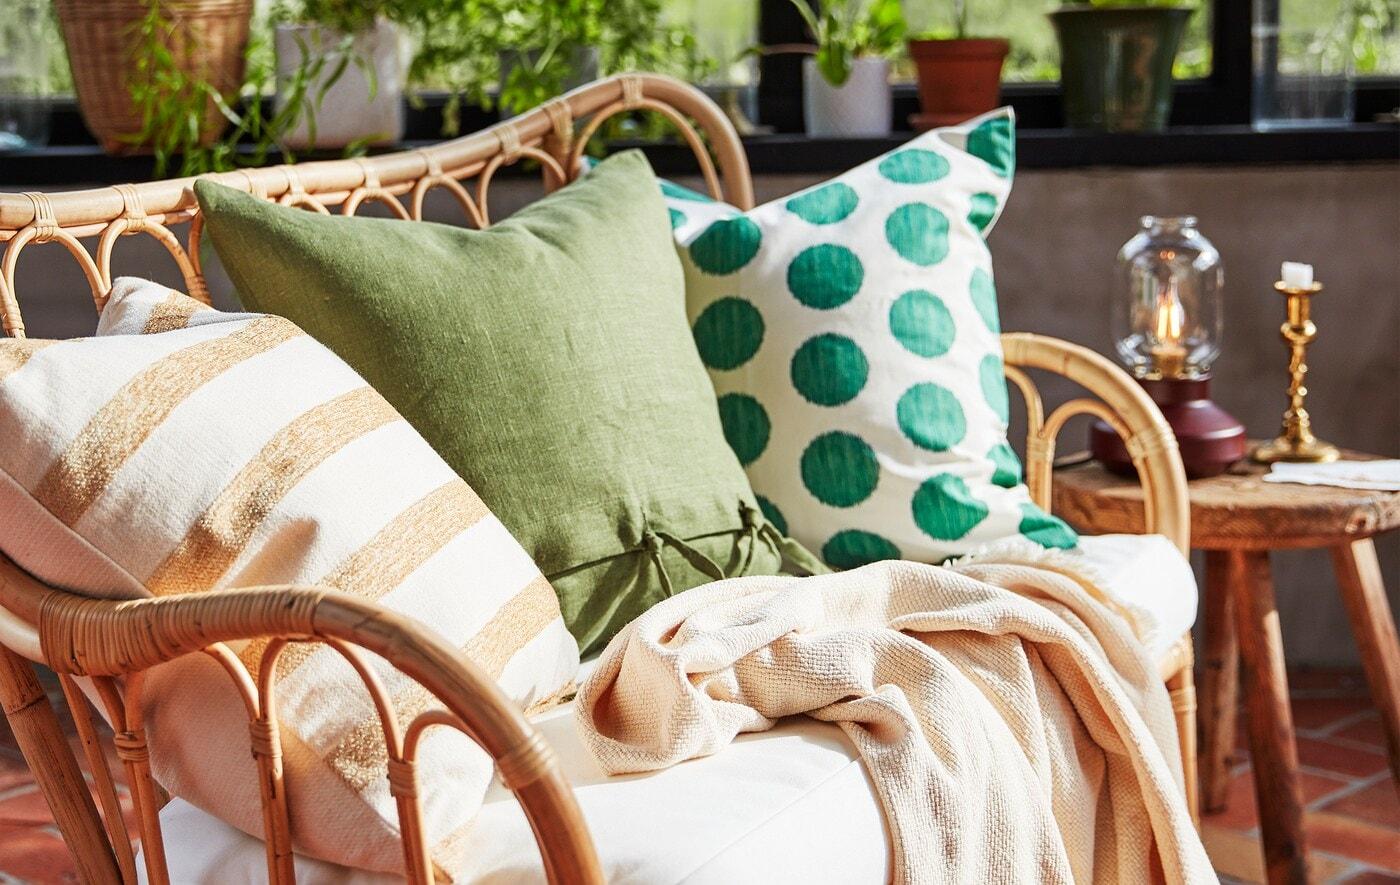 Trois oreillers de couleurs et de motifs différents, sur un canapé en rotin naturel dans un salon.